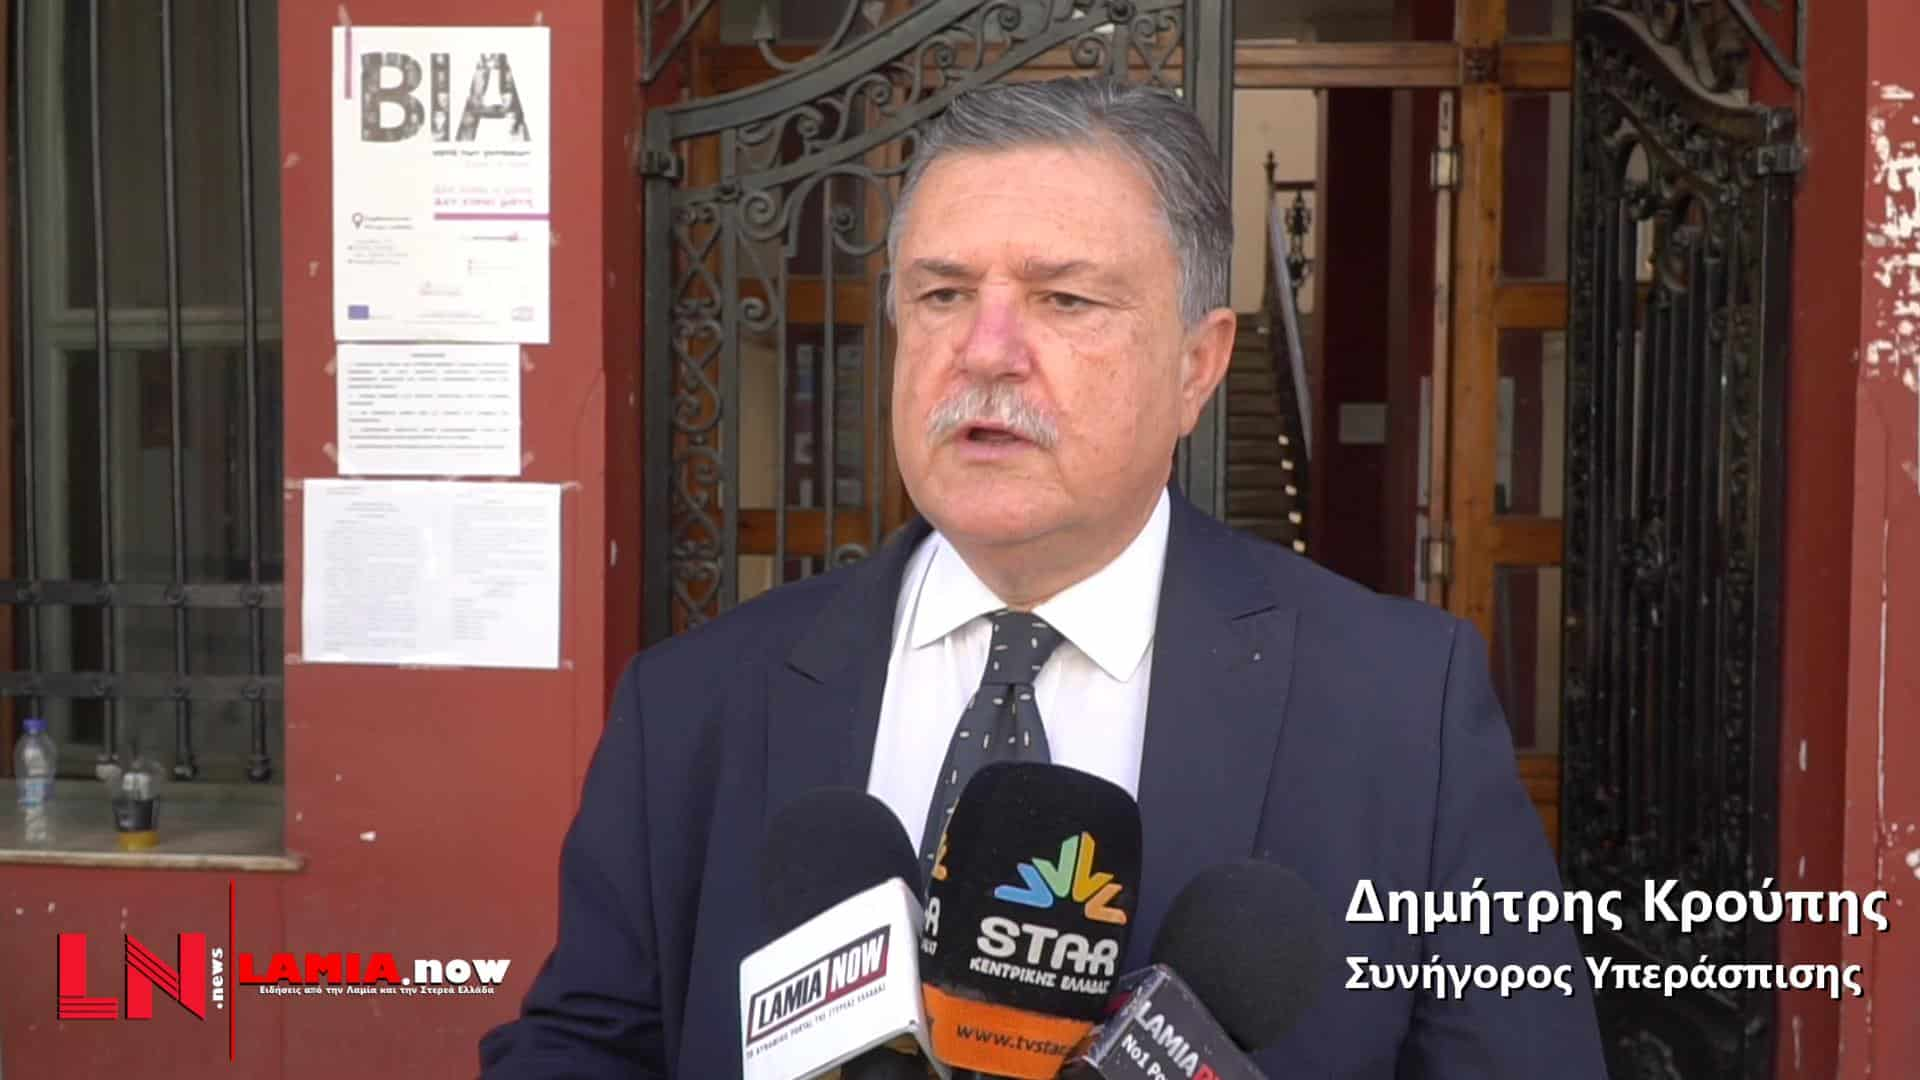 Λαμία: Ελεύθεροι πατέρας και γιος που συνελήφθησαν για άγνωστη ναρκωτική  ουσία... (Φωτό, Βίντεο) - Lamianow.gr